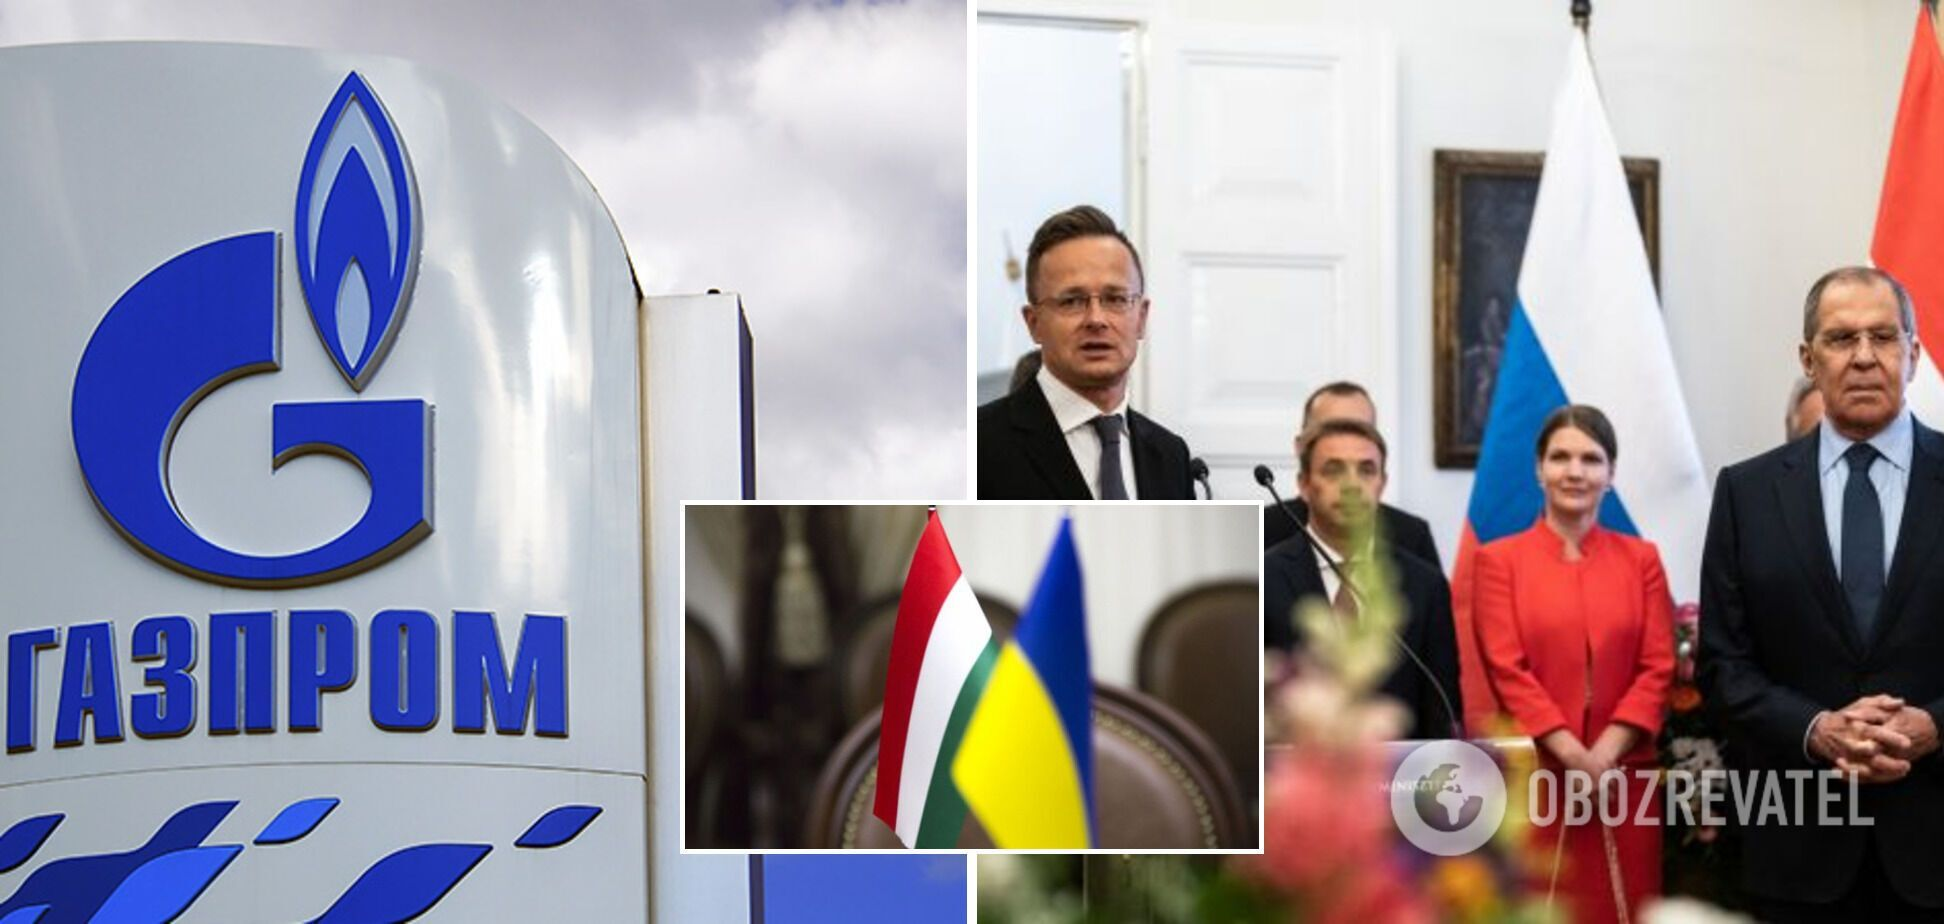 Ахіллесова п'ята ЄС. Як Угорщина потурає Москві і дестабілізує Україну